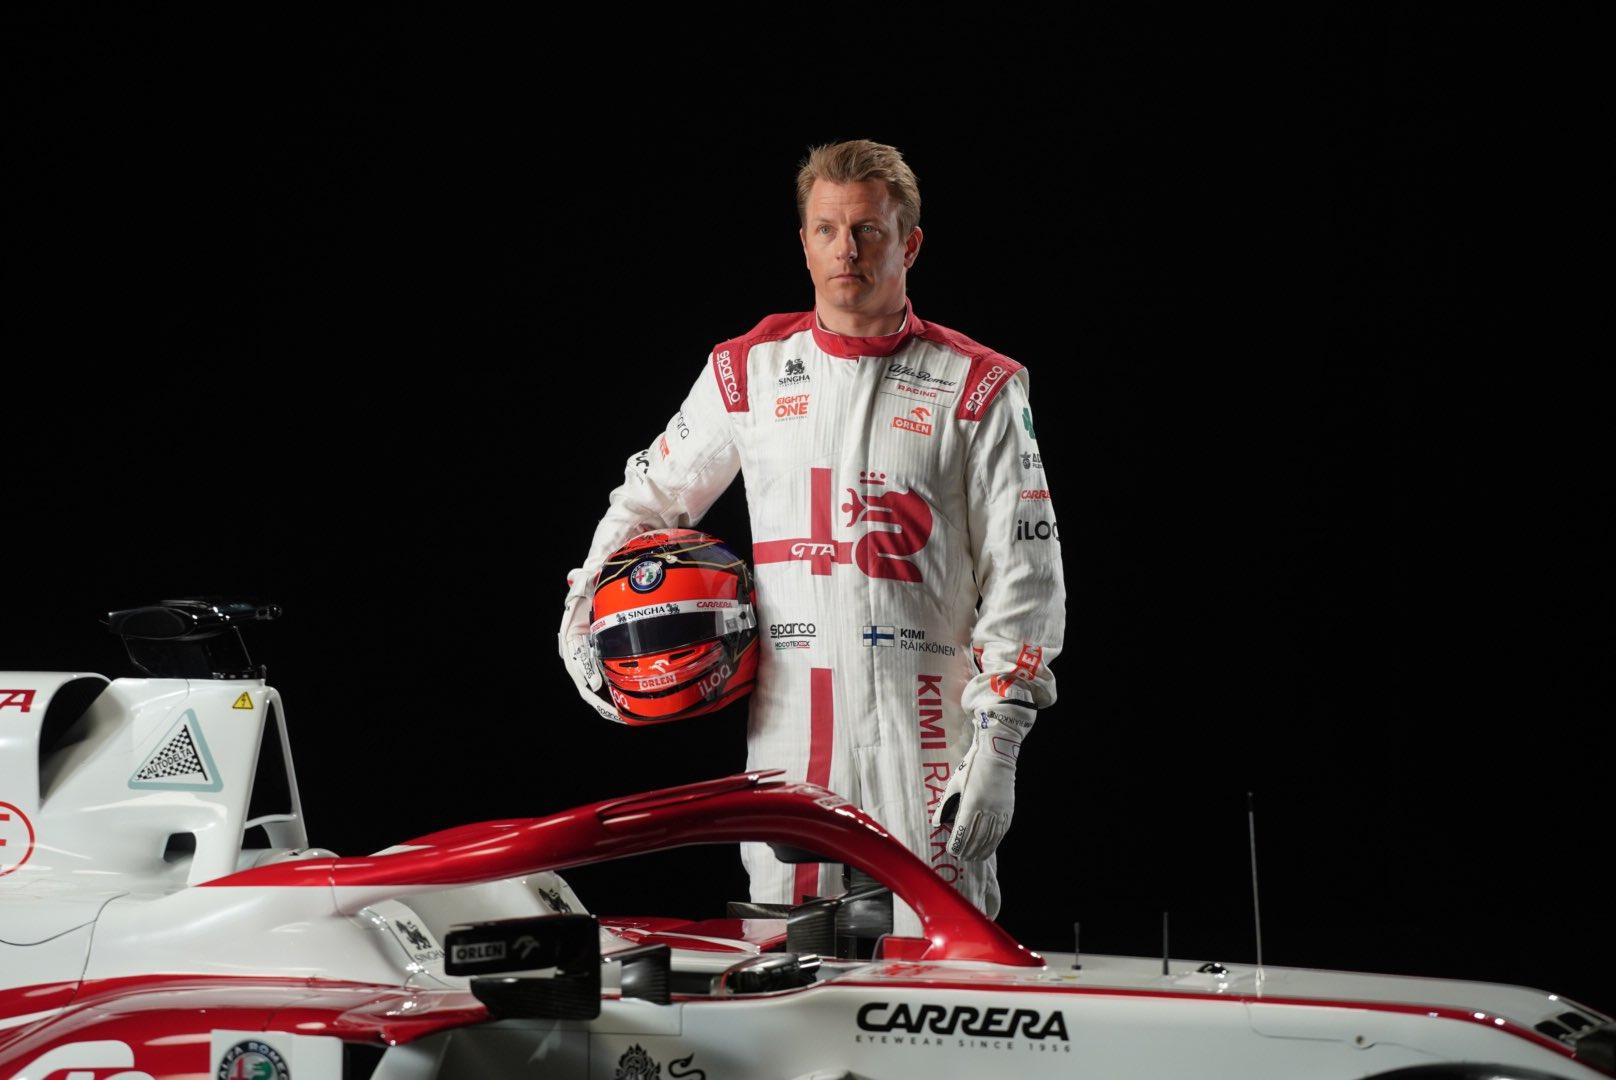 Formula 1/ Raikkonen mposht koronavirusin, gati rikthimi në pistë